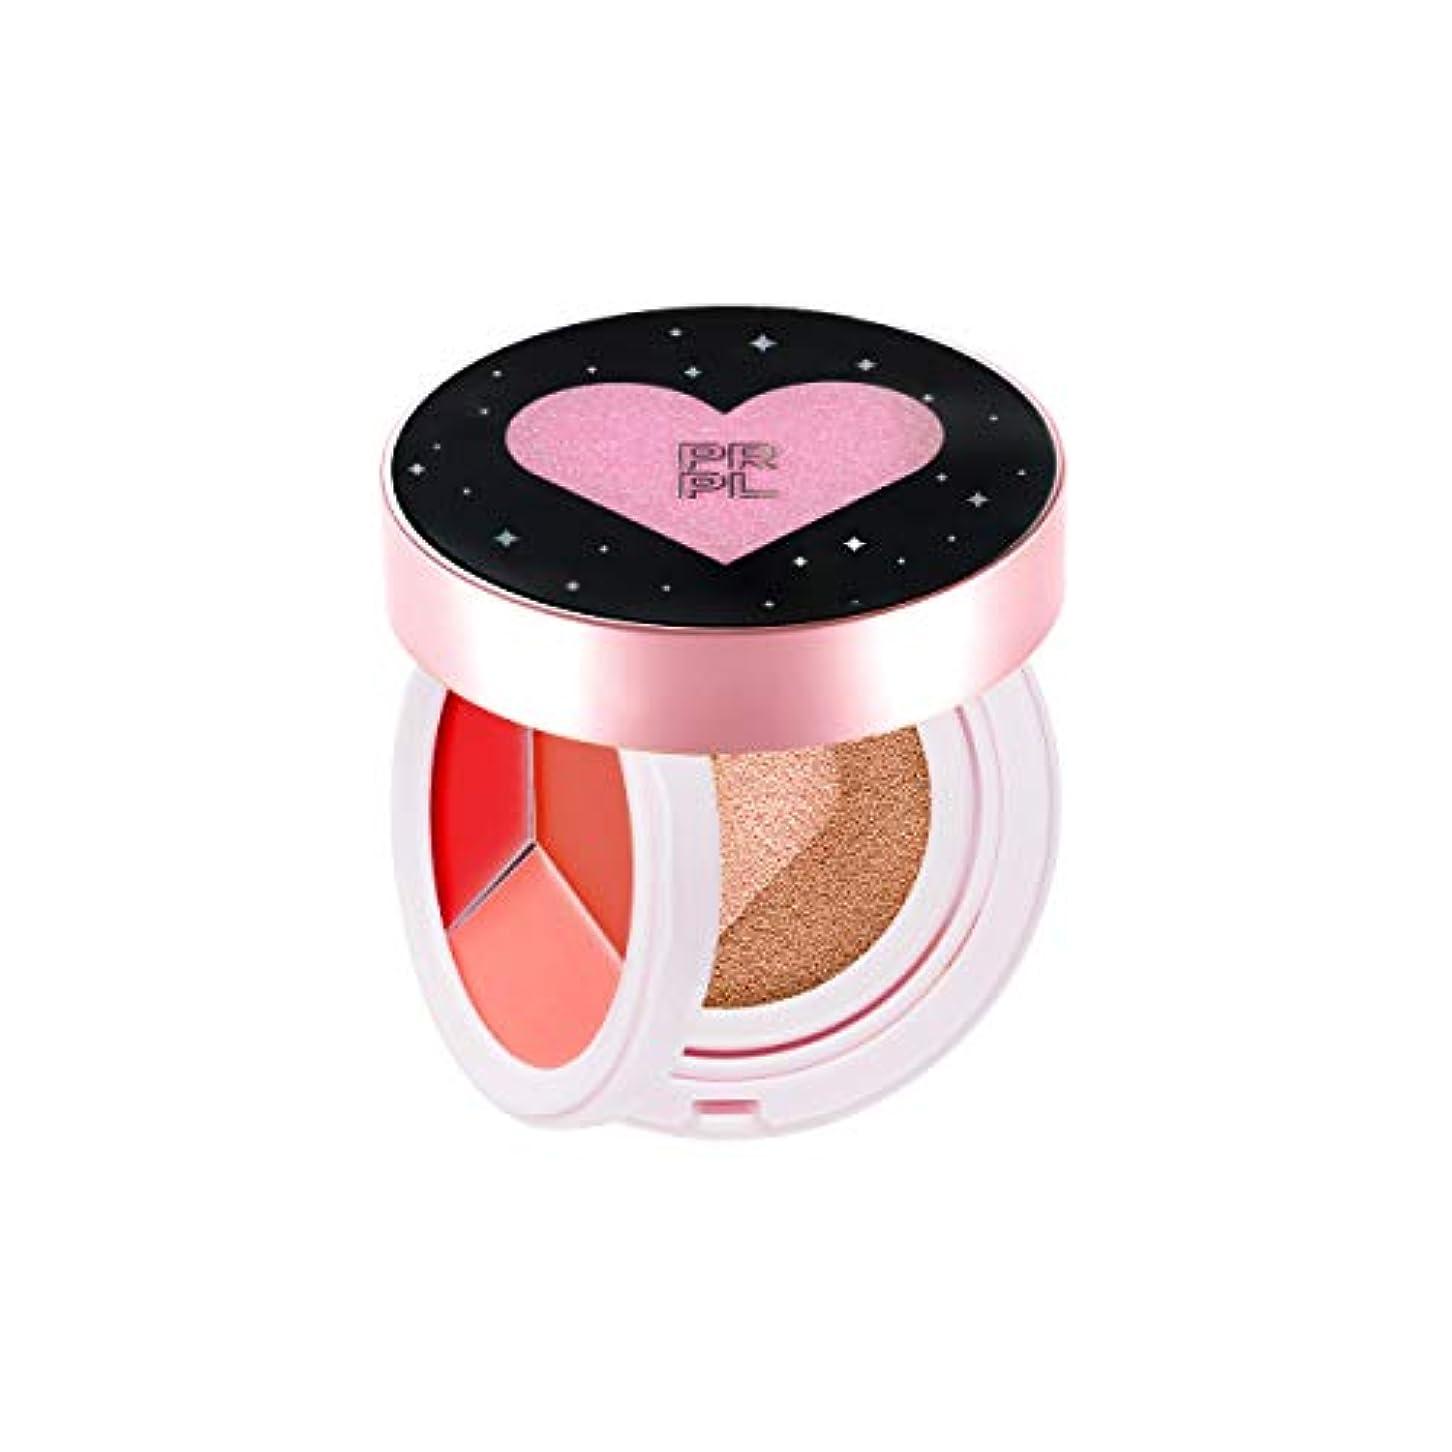 娘カメラ泥だらけPRPL Kiss and Heart Double Cushion (Black Edition) #23 Pure Beige - Korean Make-up, Cushion Foundation, Korean...